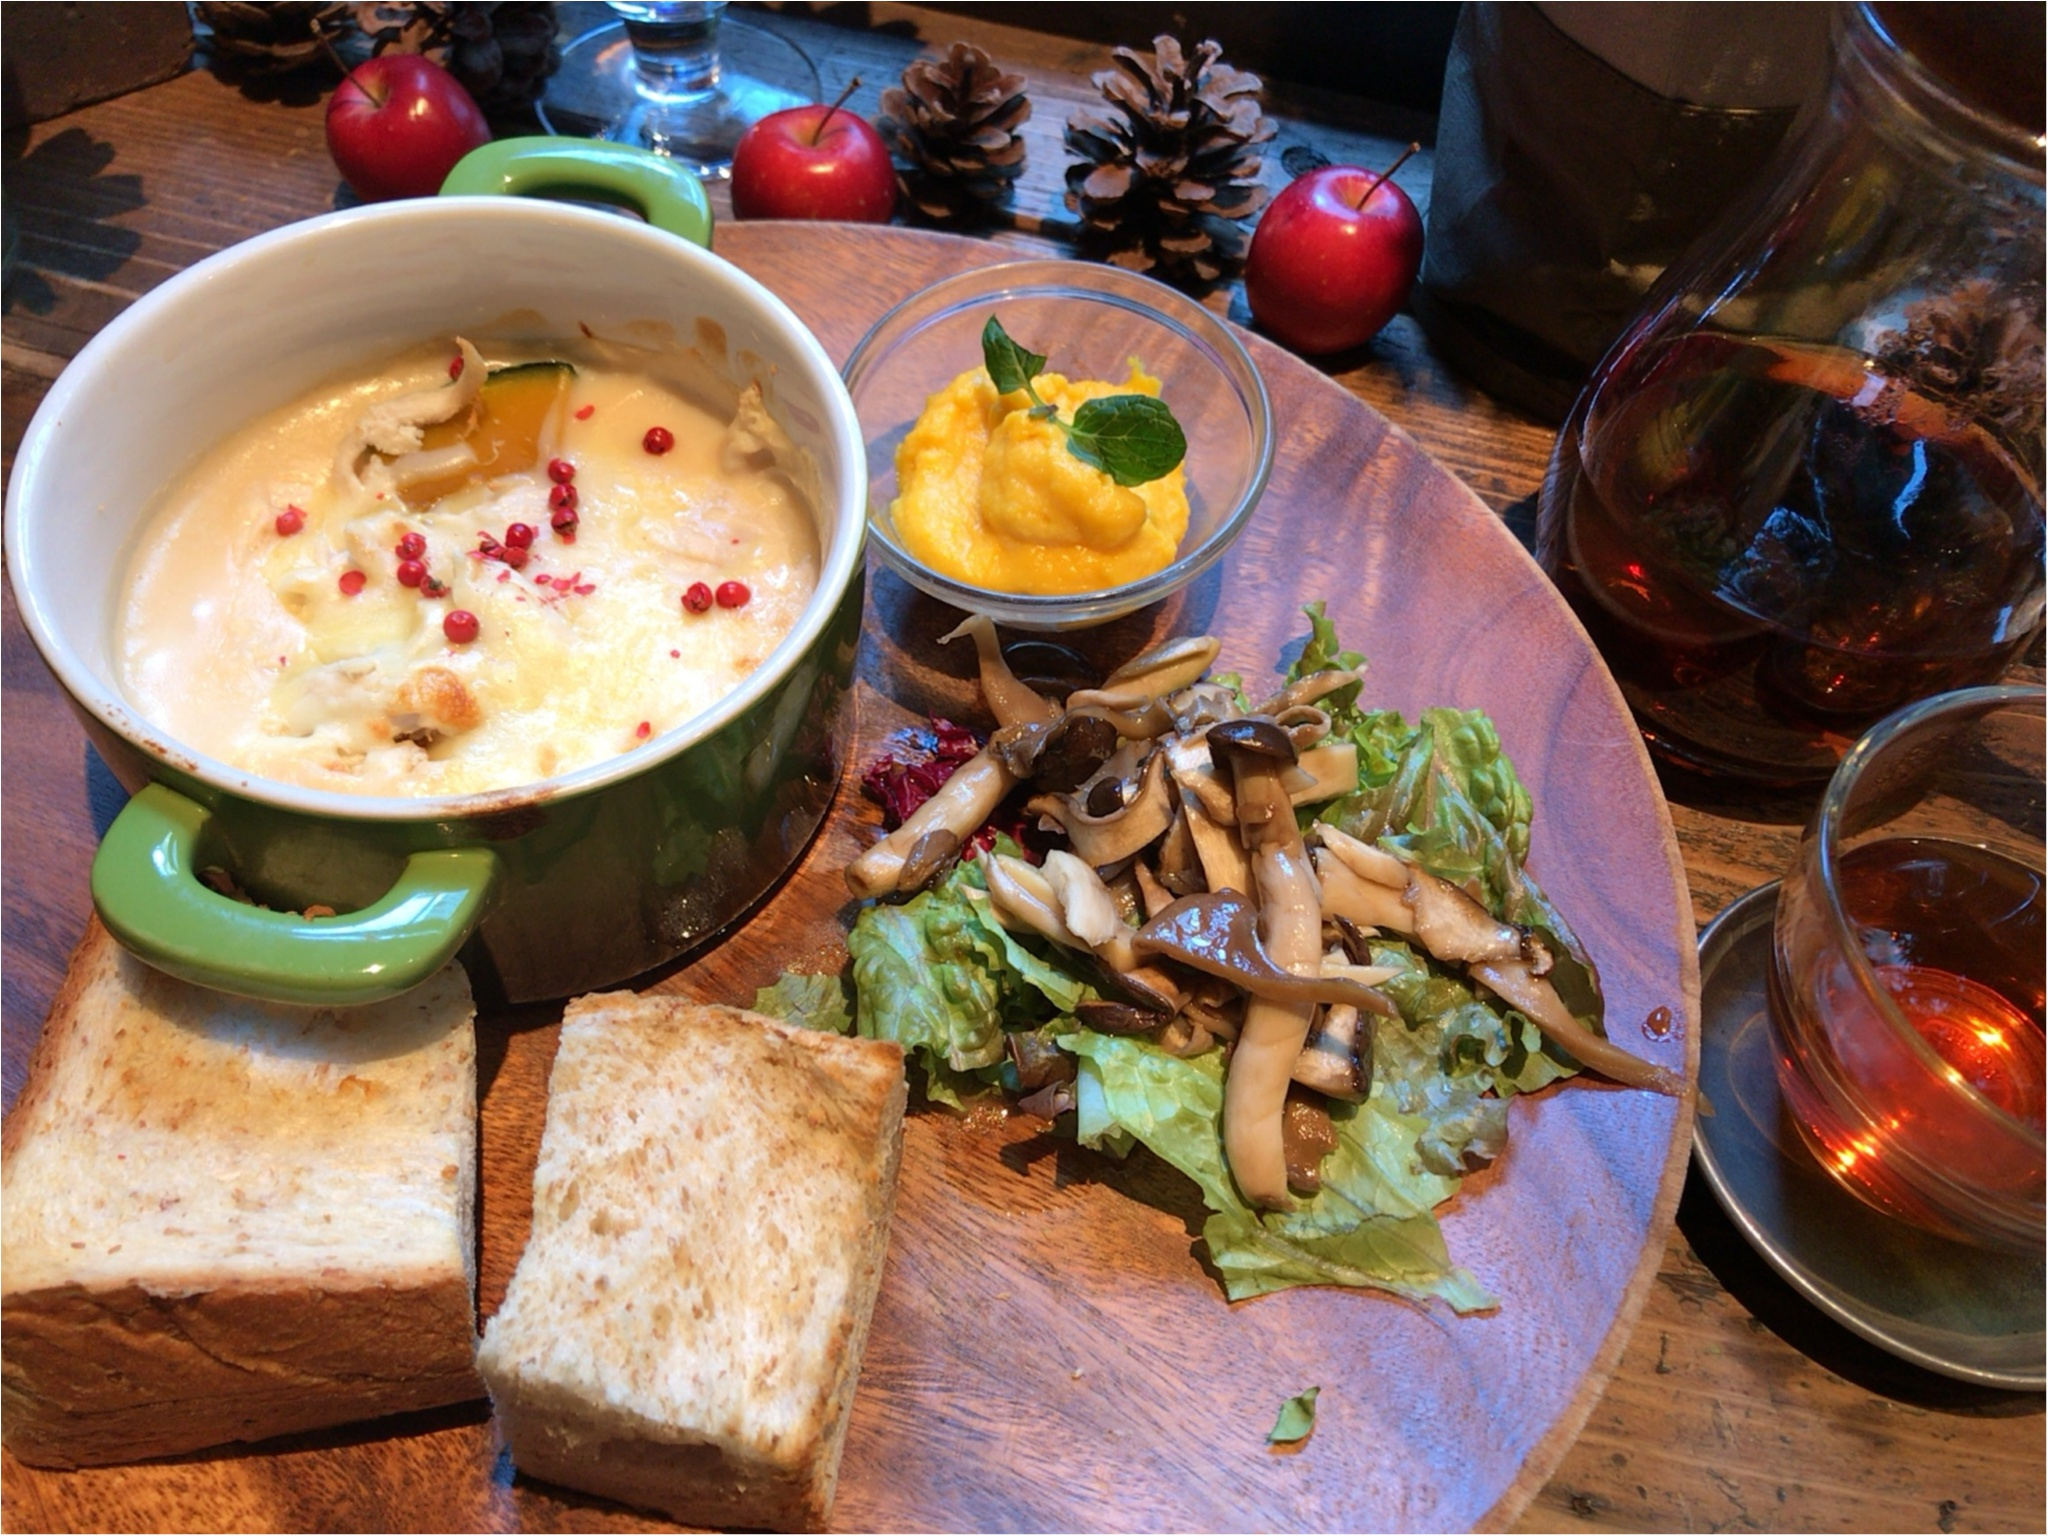 【FOOD】~Aoyama Flower Market~お花に囲まれて食べるご飯は格別♡季節ごとに何回でも行きたくなる素敵なカフェ♡今のお花は?_6